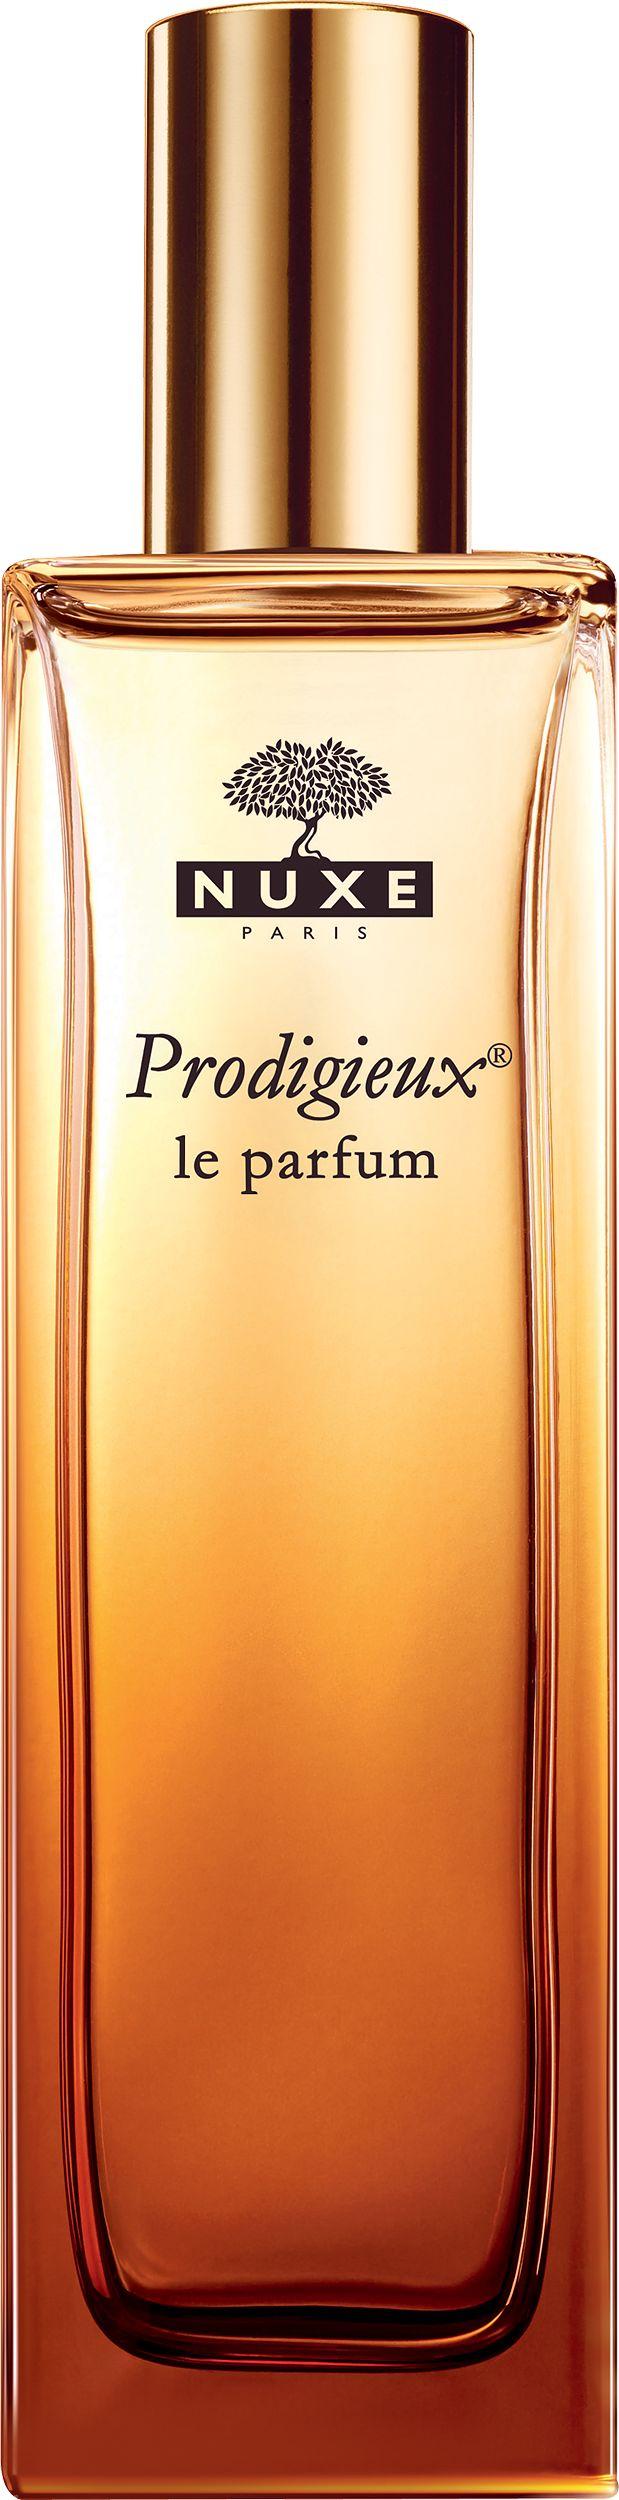 Nuxe Prodigieux Eau de Parfum Spray